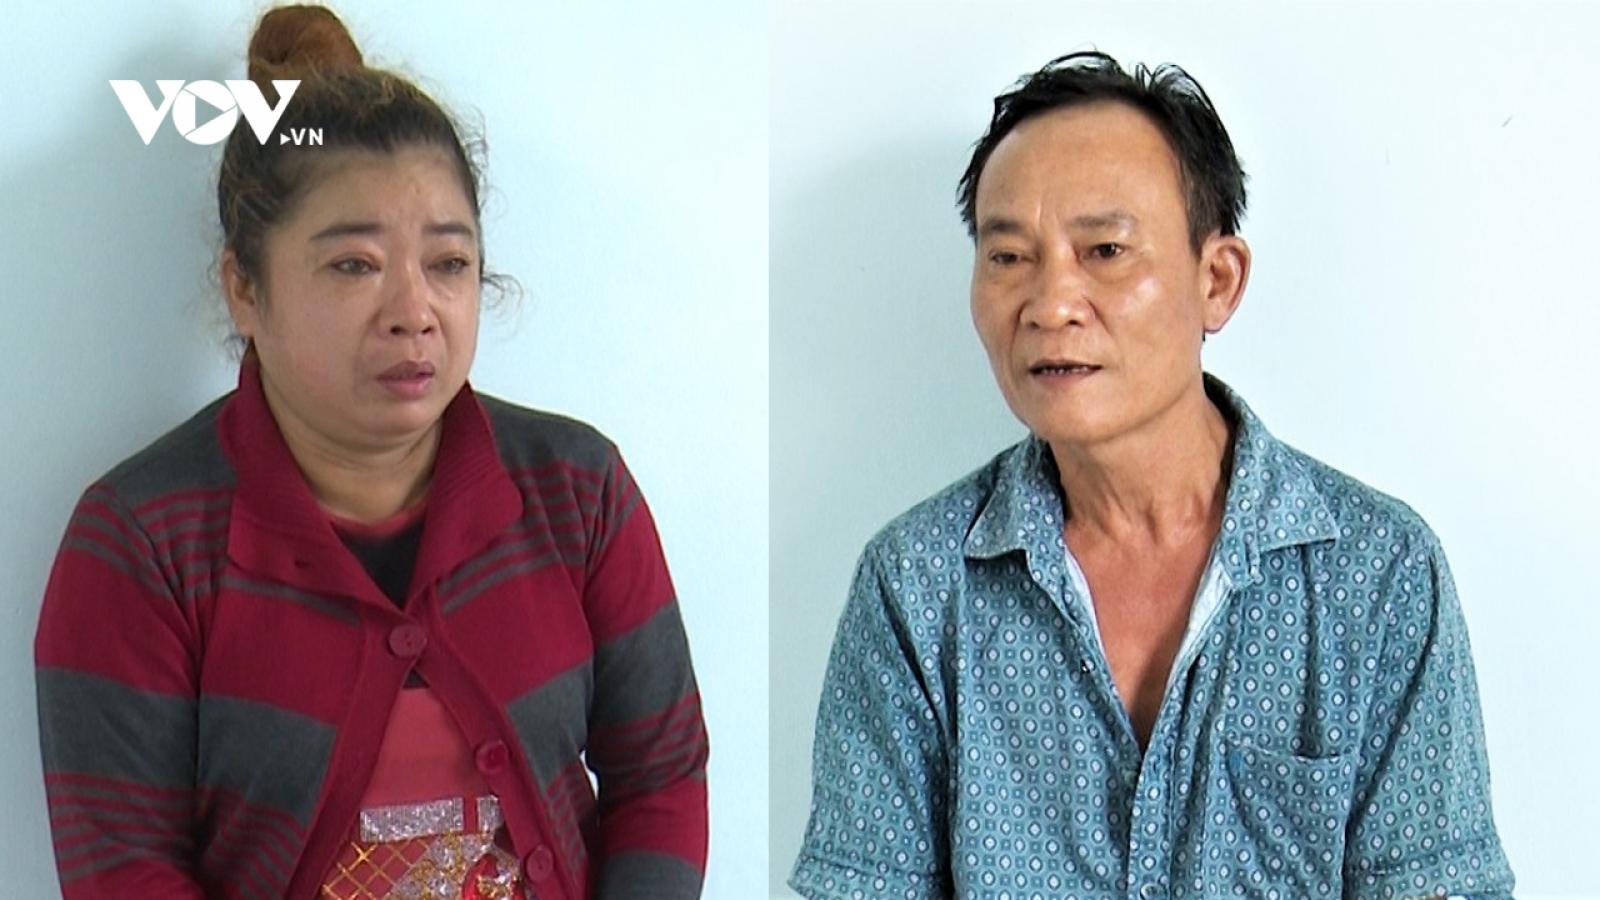 Nóng 24h: Khởi tố, bắt tạm giam bố mẹ chồng đánh ghen cho con dâu